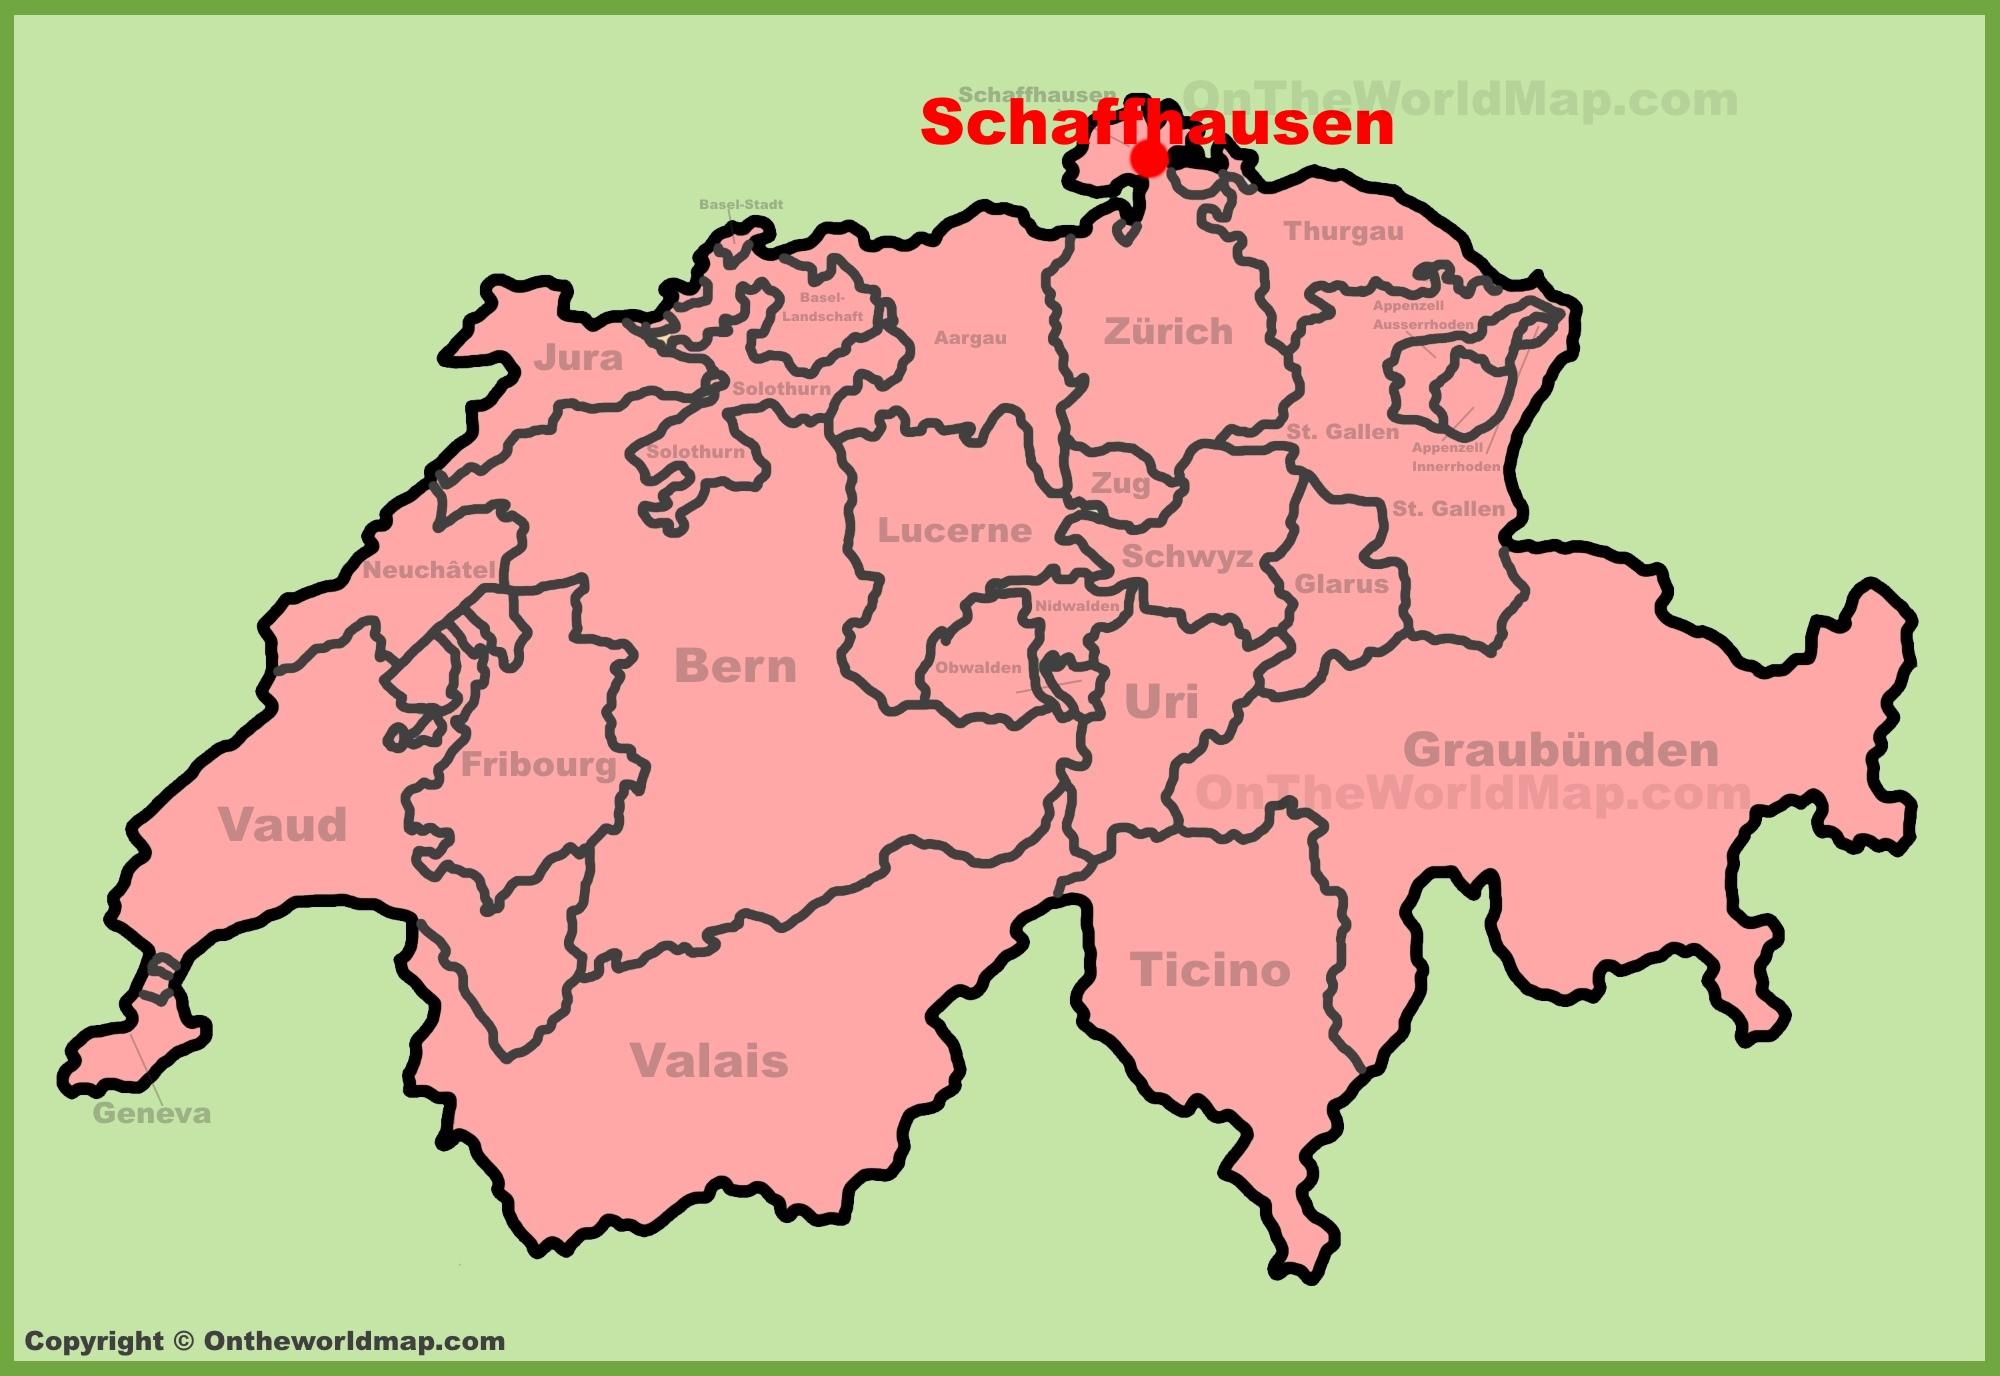 Schaffhausen location on the Switzerland map